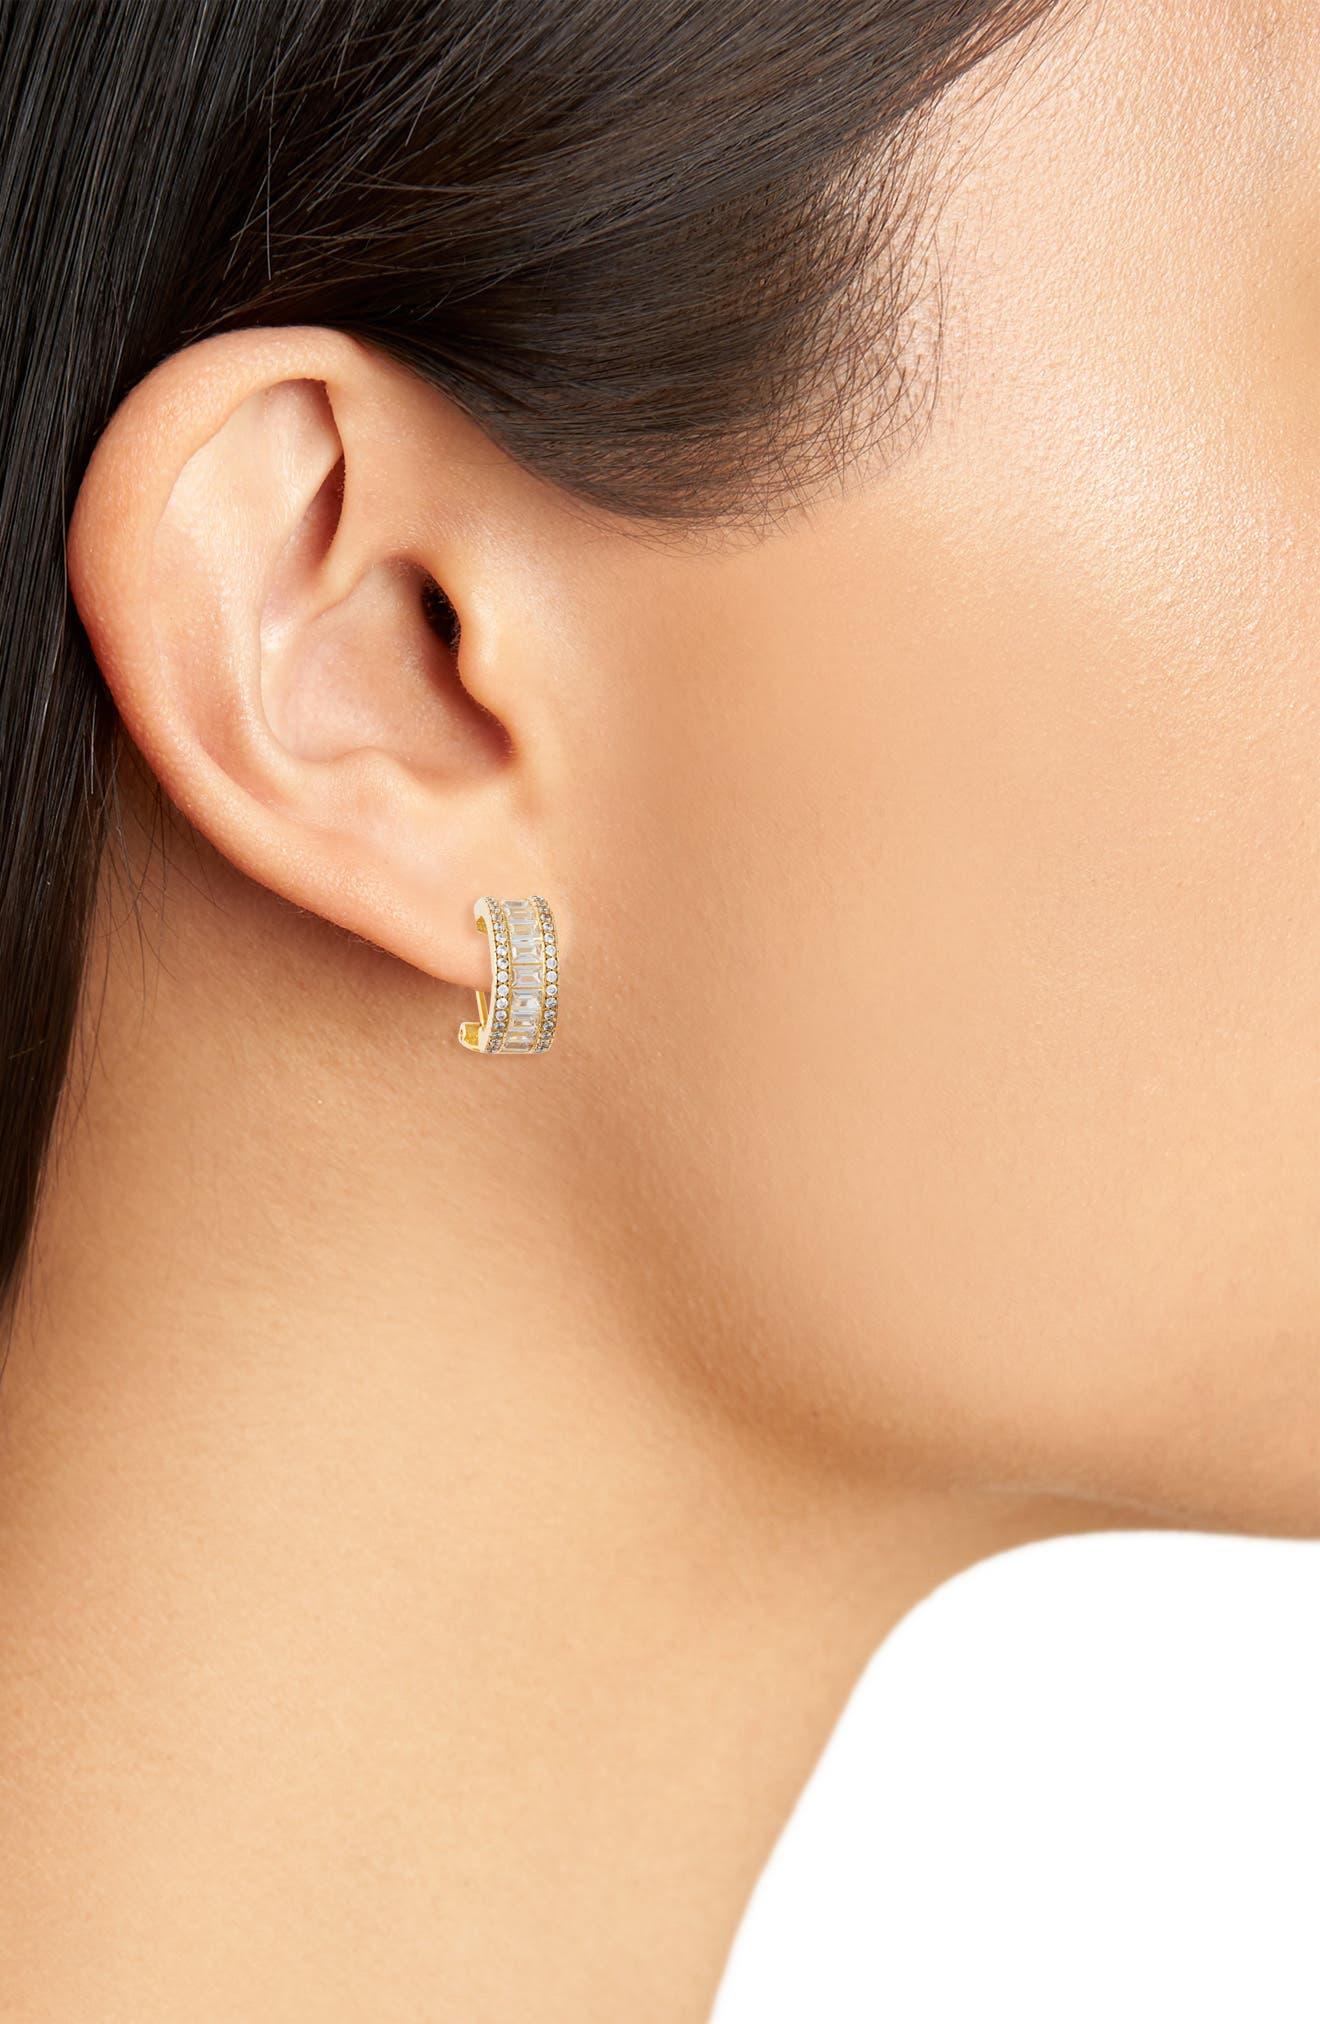 Small Baguette Pavé Hoop Earrings,                             Alternate thumbnail 2, color,                             Gold/ White Cz